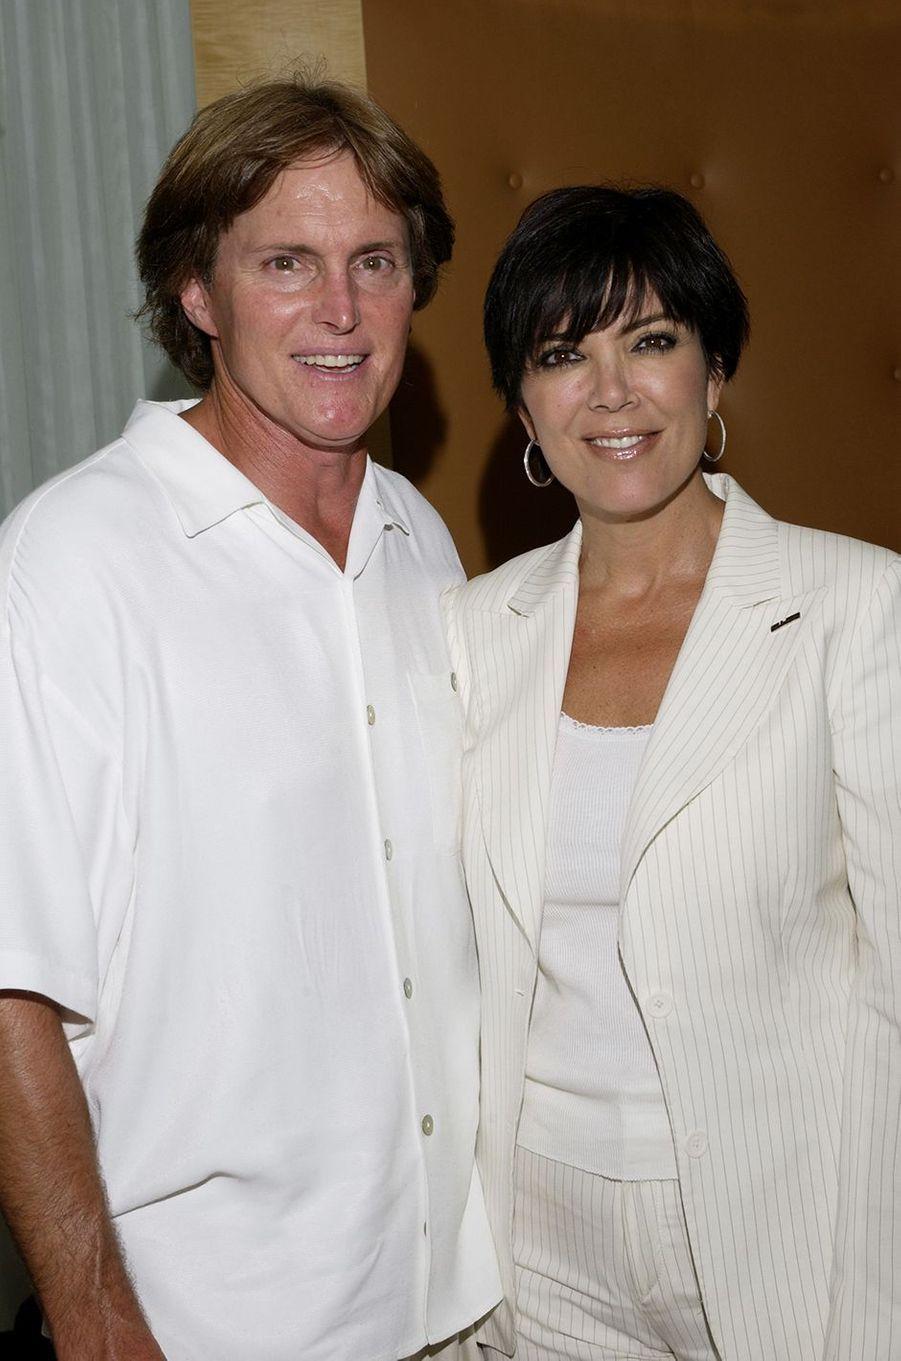 Bruce et Kris Jenner lors d'un événement organisé en marge des EPSY Awards à Los Angeles en juillet 2002